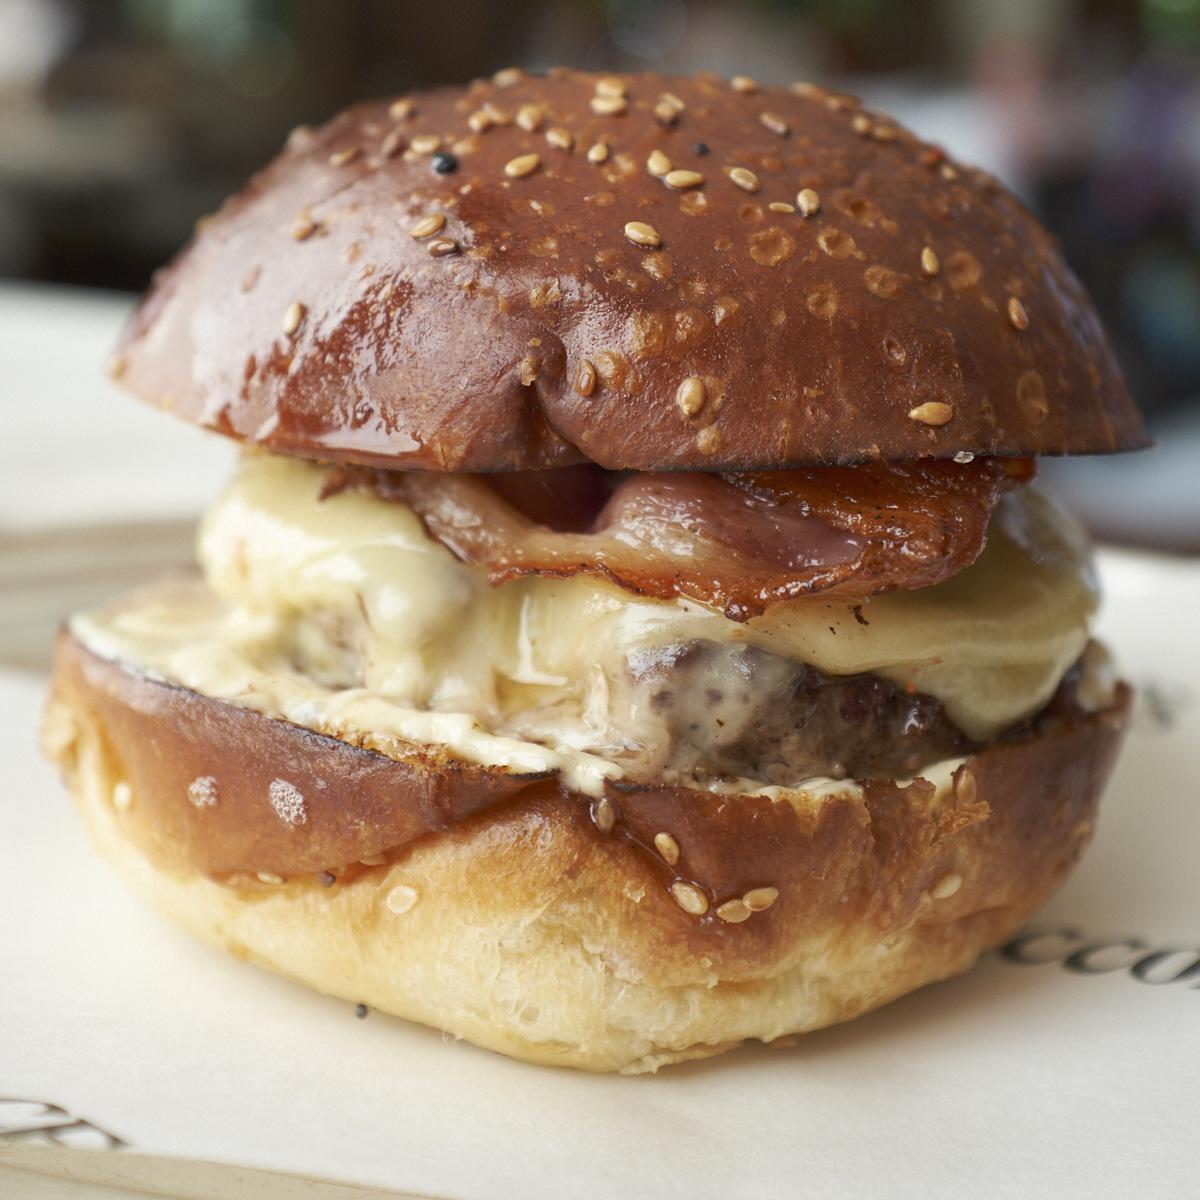 Cecconi's Hamburger